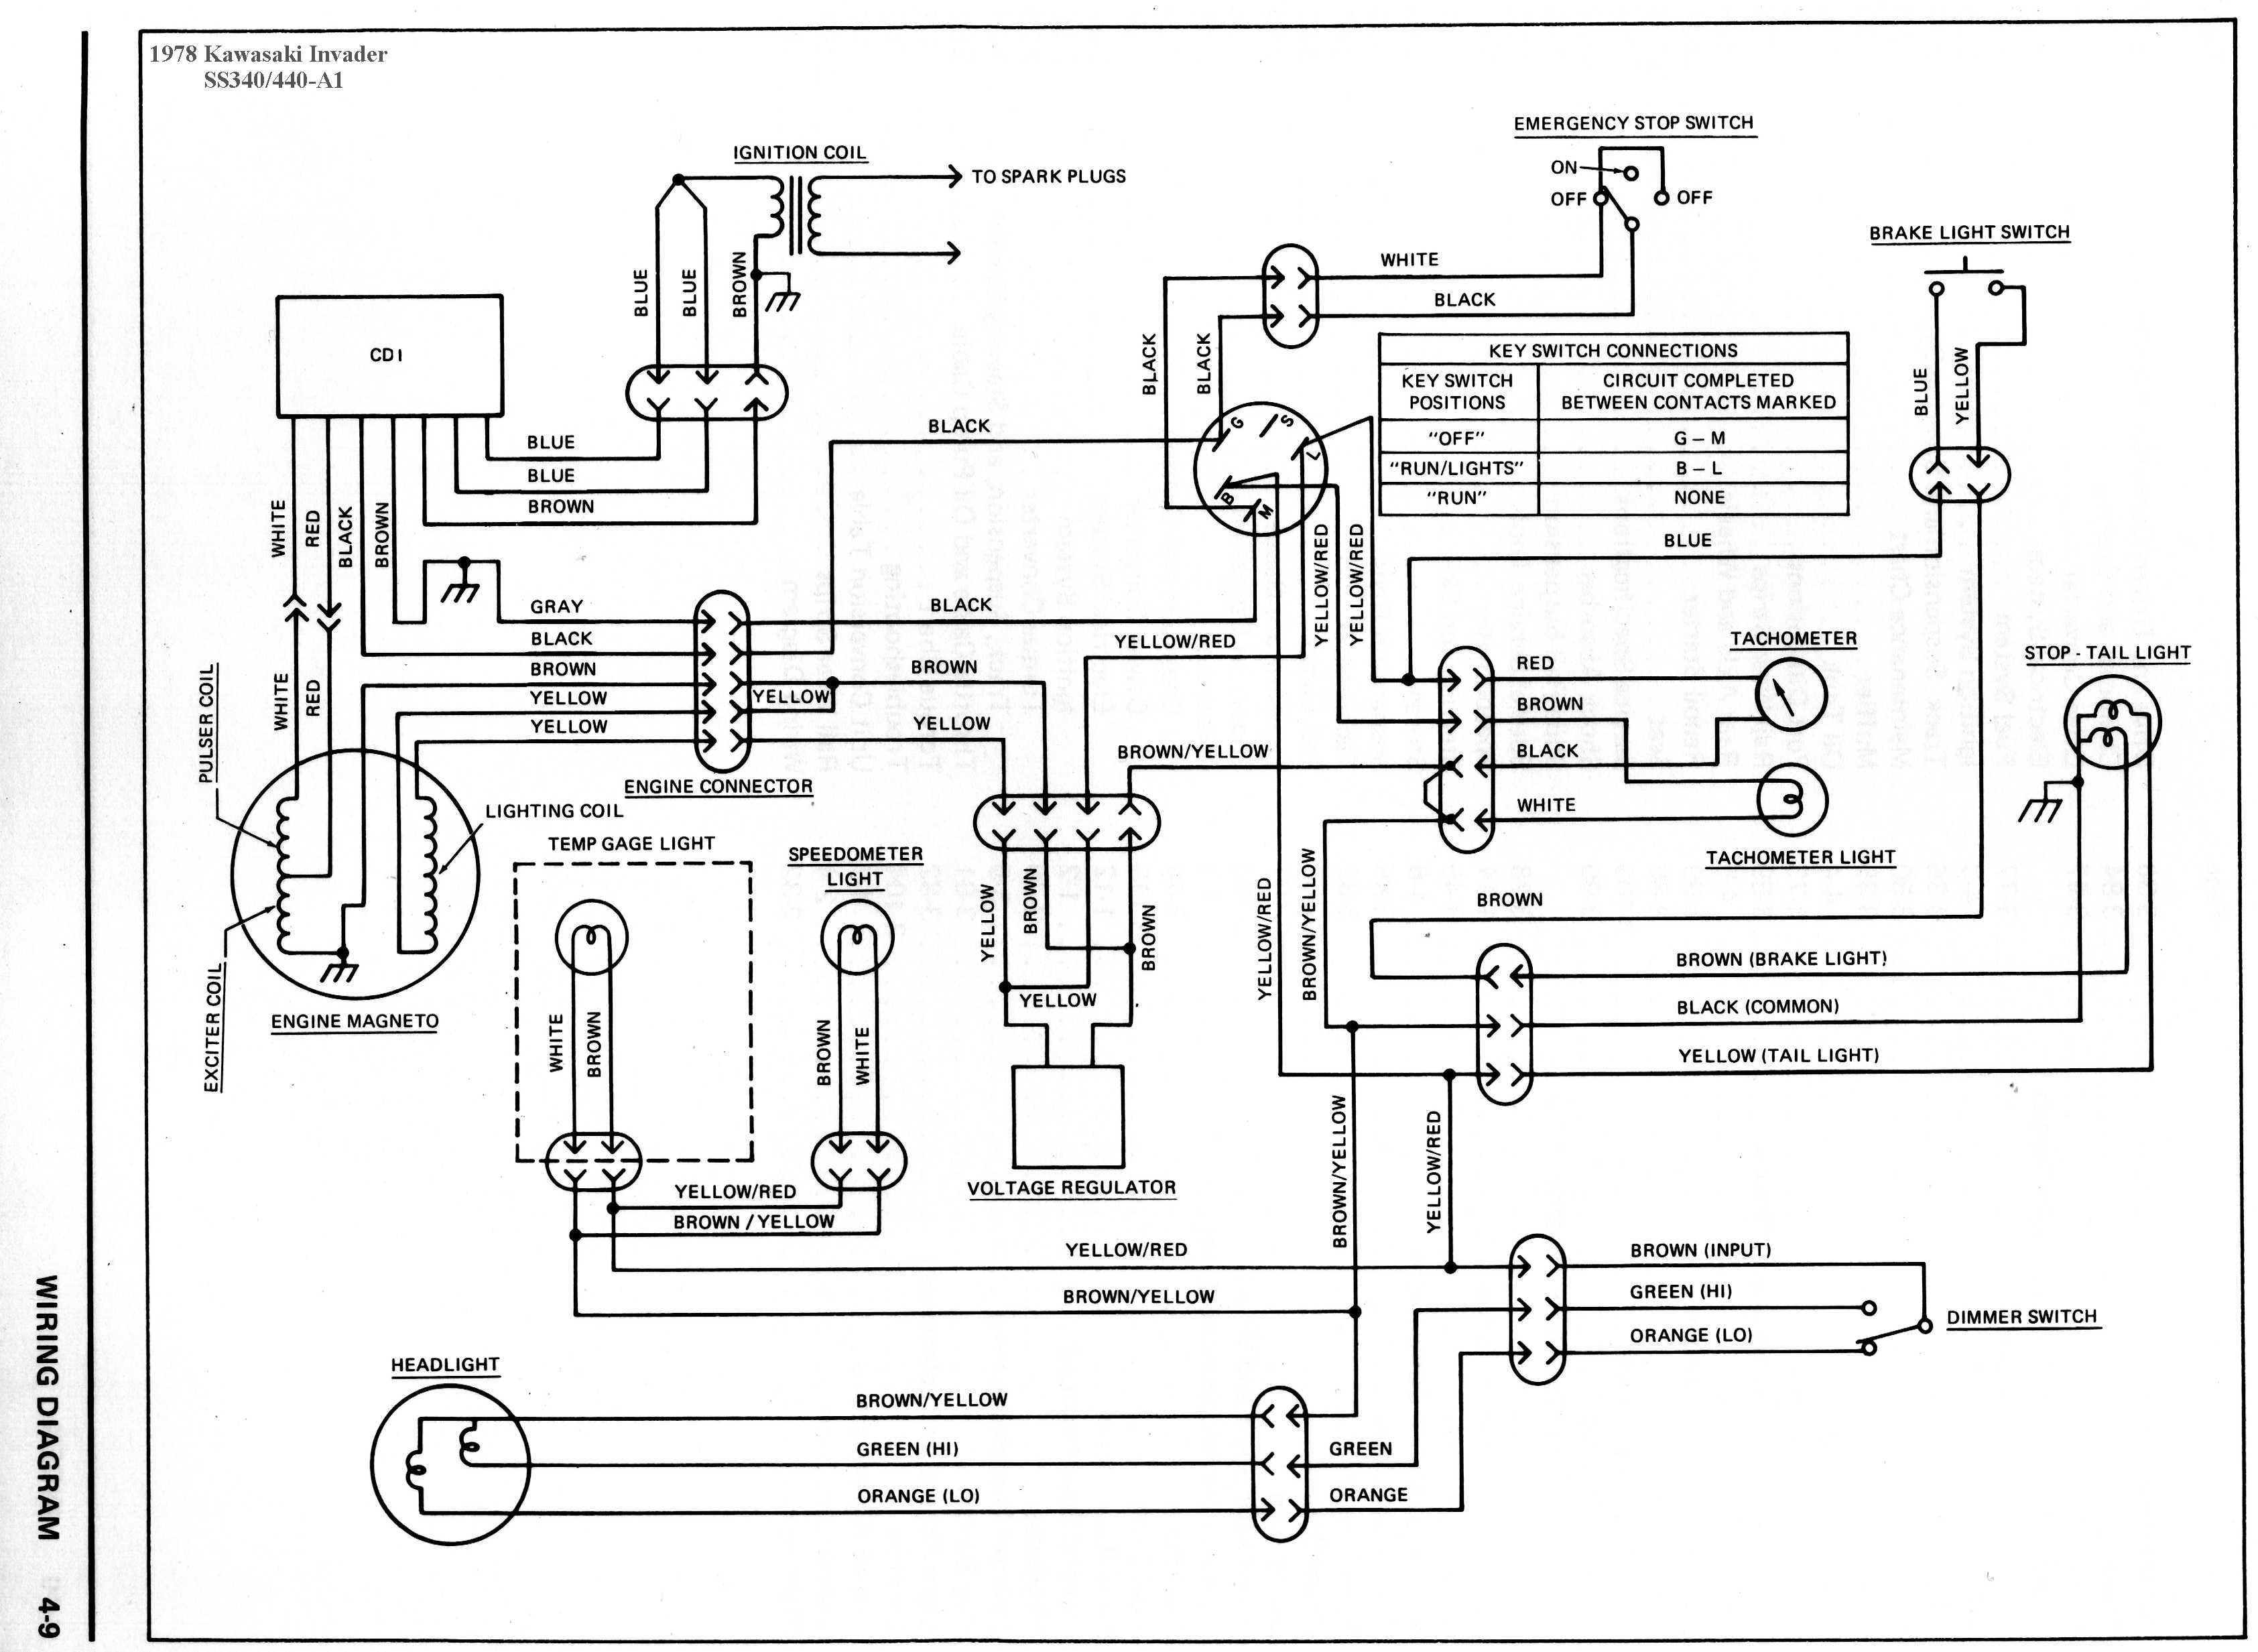 kawasaki bayou 220 ignition wiring diagram free download - atv wiring  diagram rocker - gravely.cukk.jeanjaures37.fr  wiring diagram resource